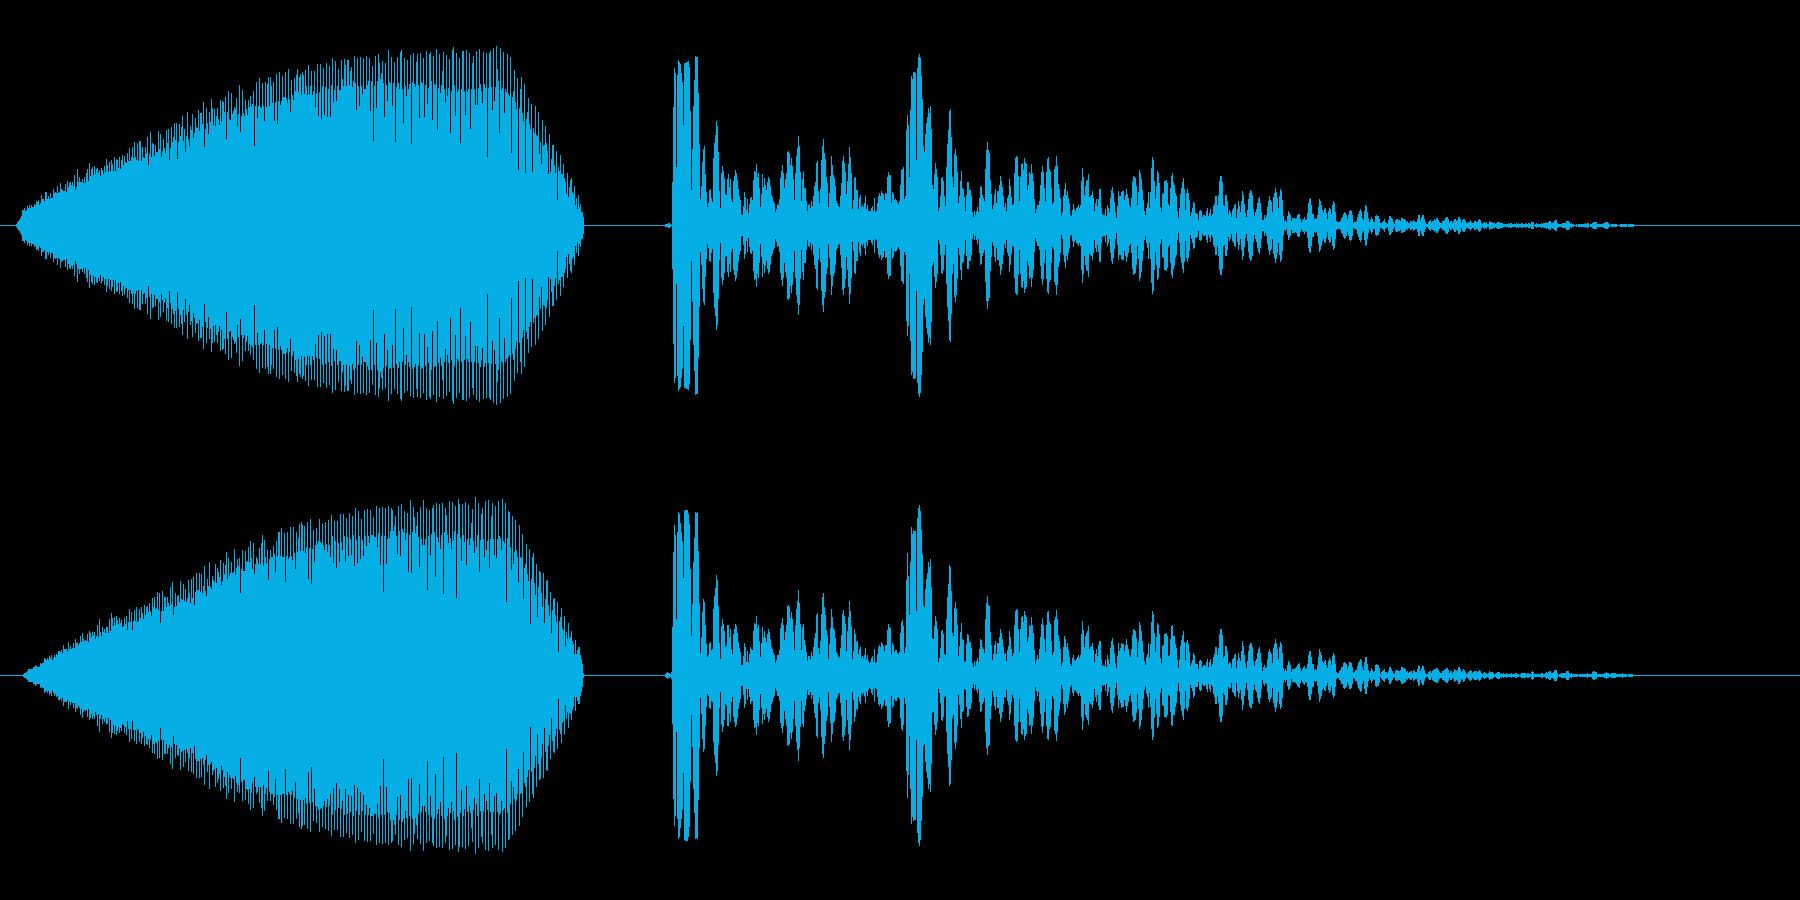 シューンバンバン(落下音)の再生済みの波形